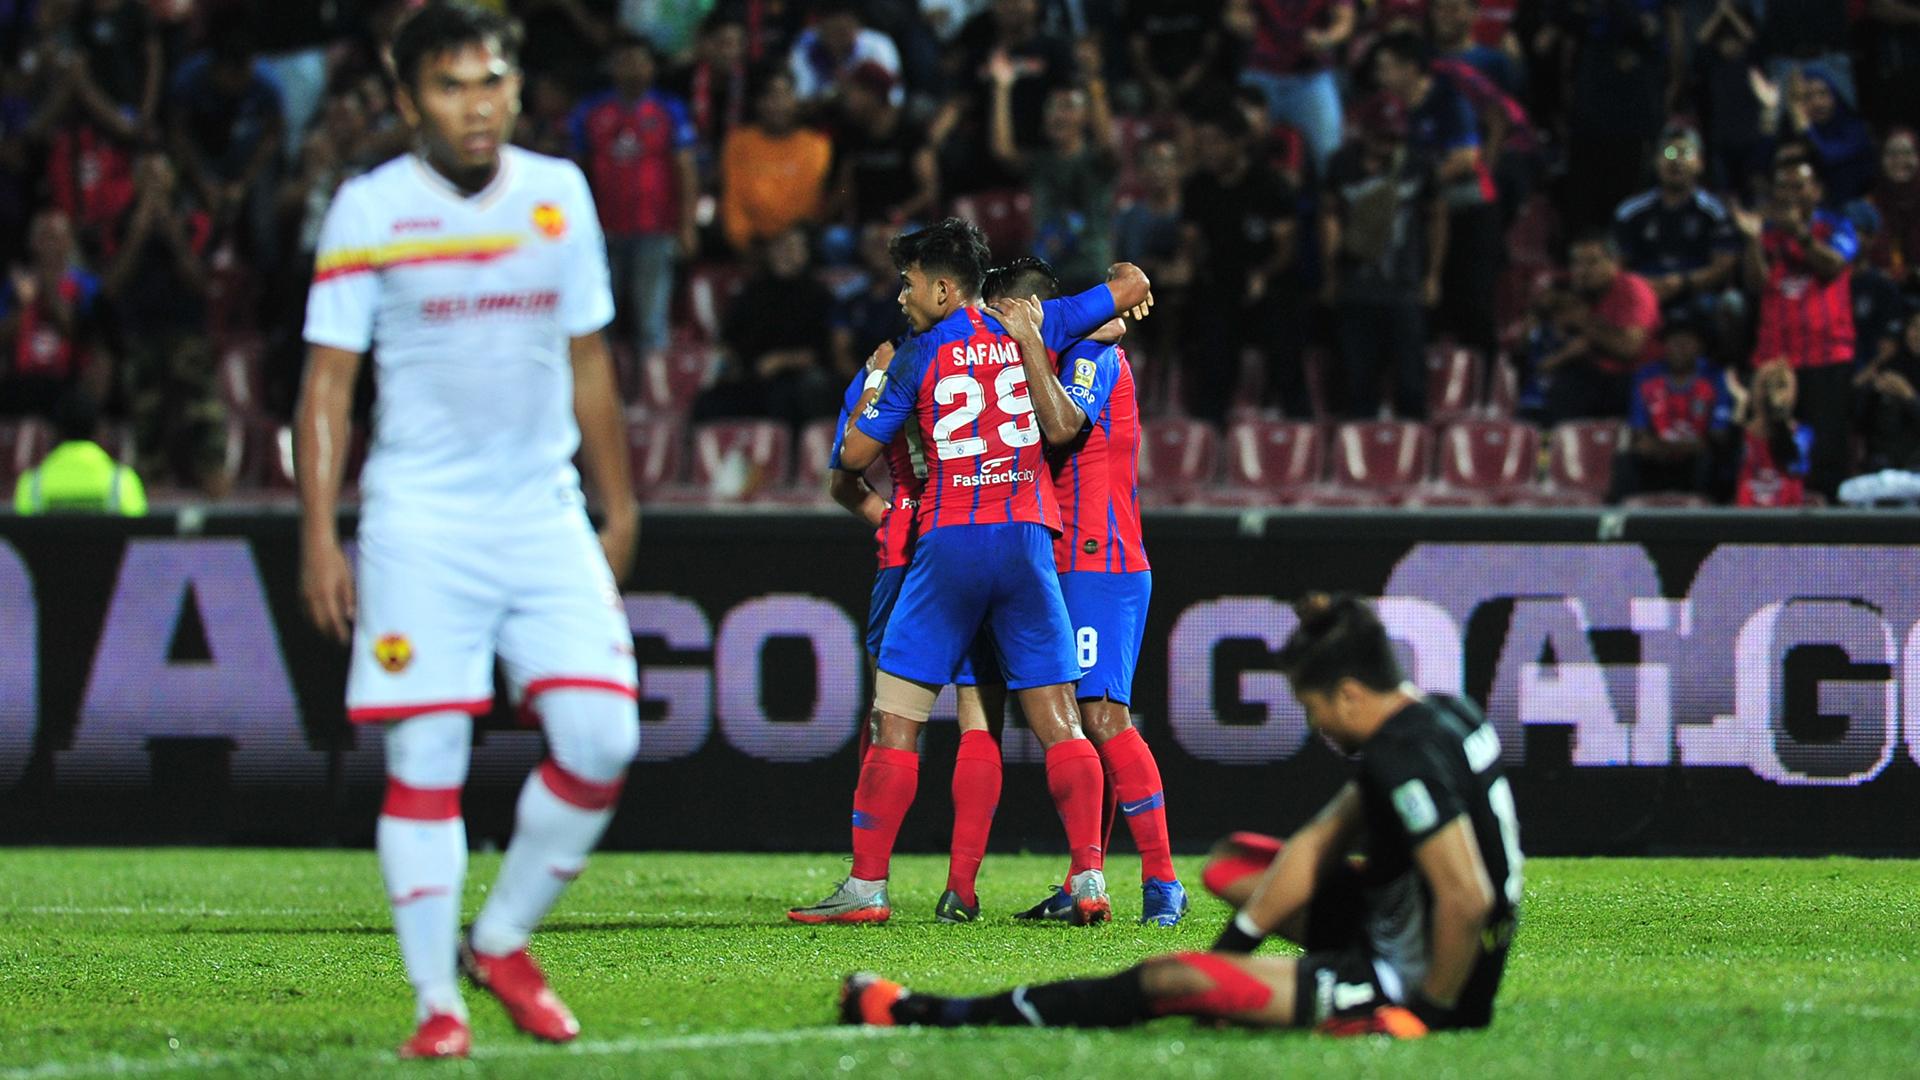 Johor Darul Ta'zim v Selangor, Malaysia Super League, 19 Jun 2019